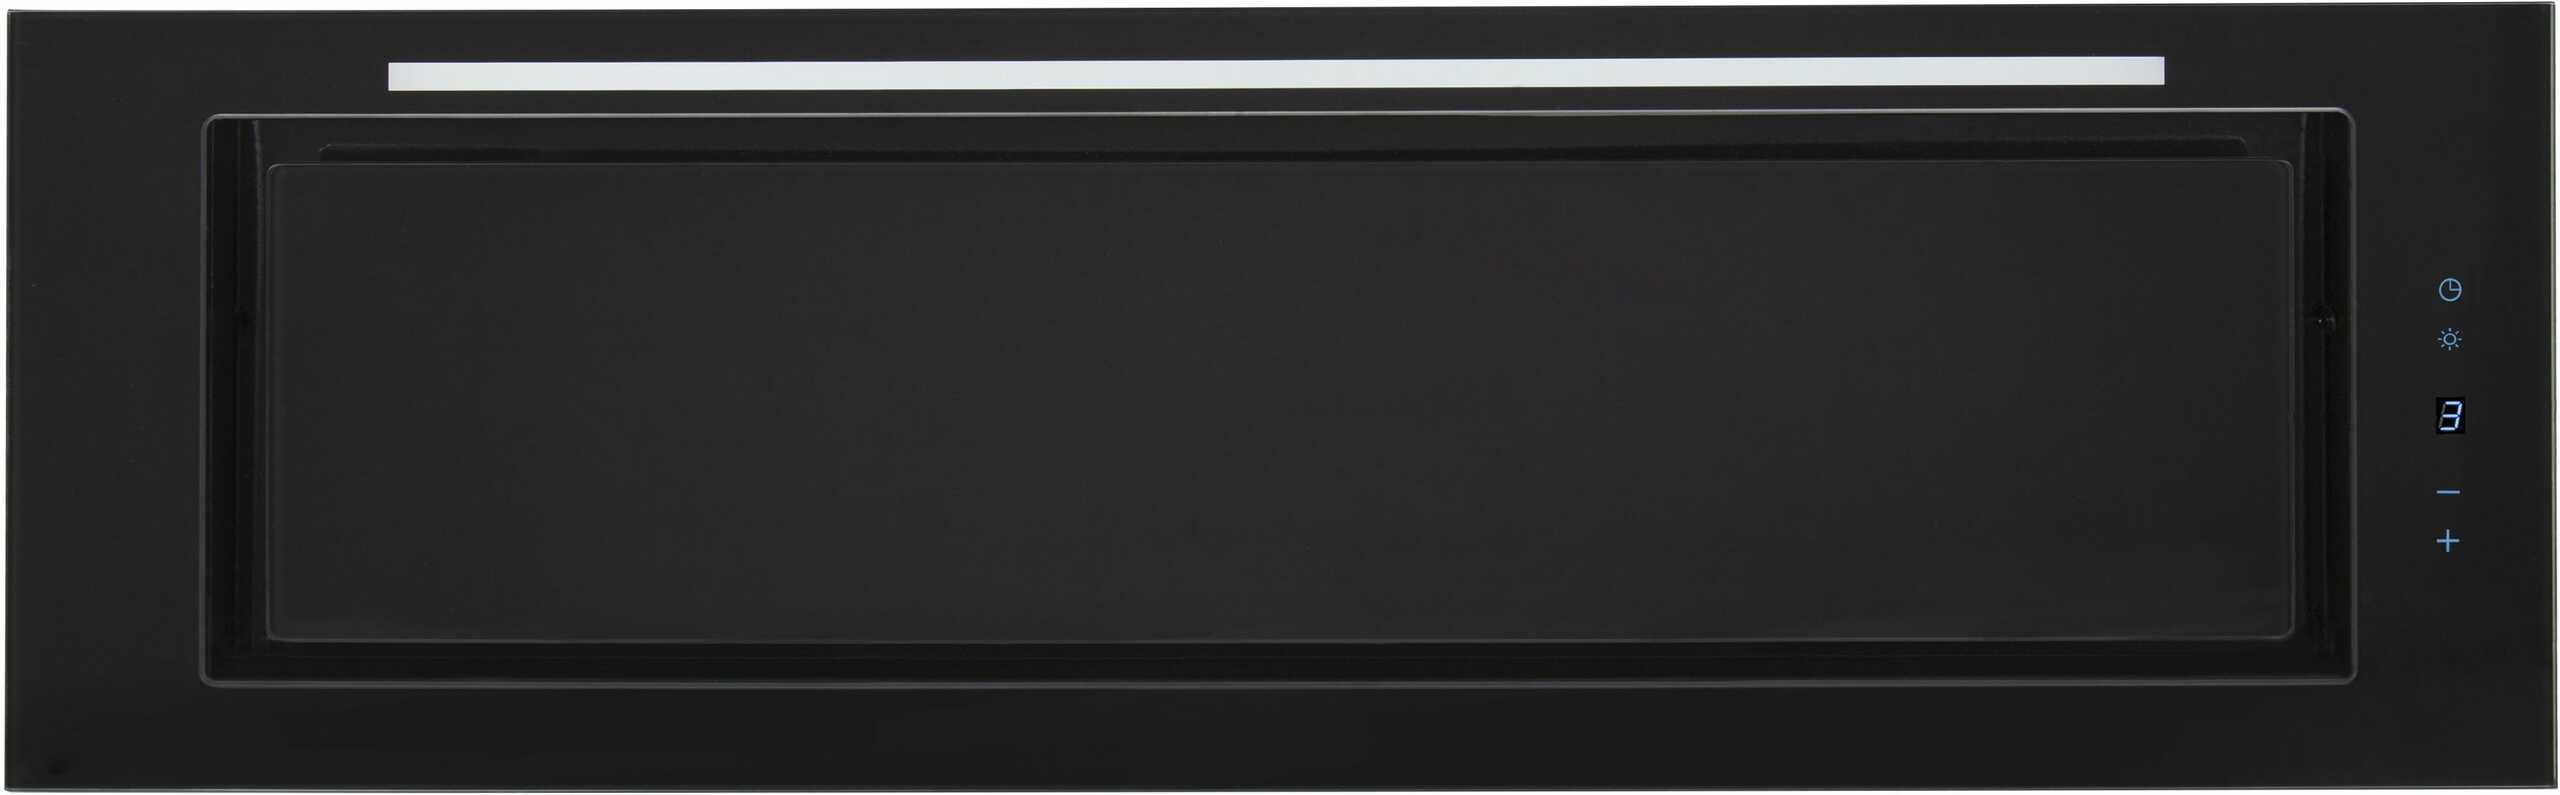 Okap do zabudowy Toflesz OK-6 Linea Glass Led Czarny 60 700 m3h - Największy wybór - 28 dni na zwrot - Pomoc: +48 13 49 27 557